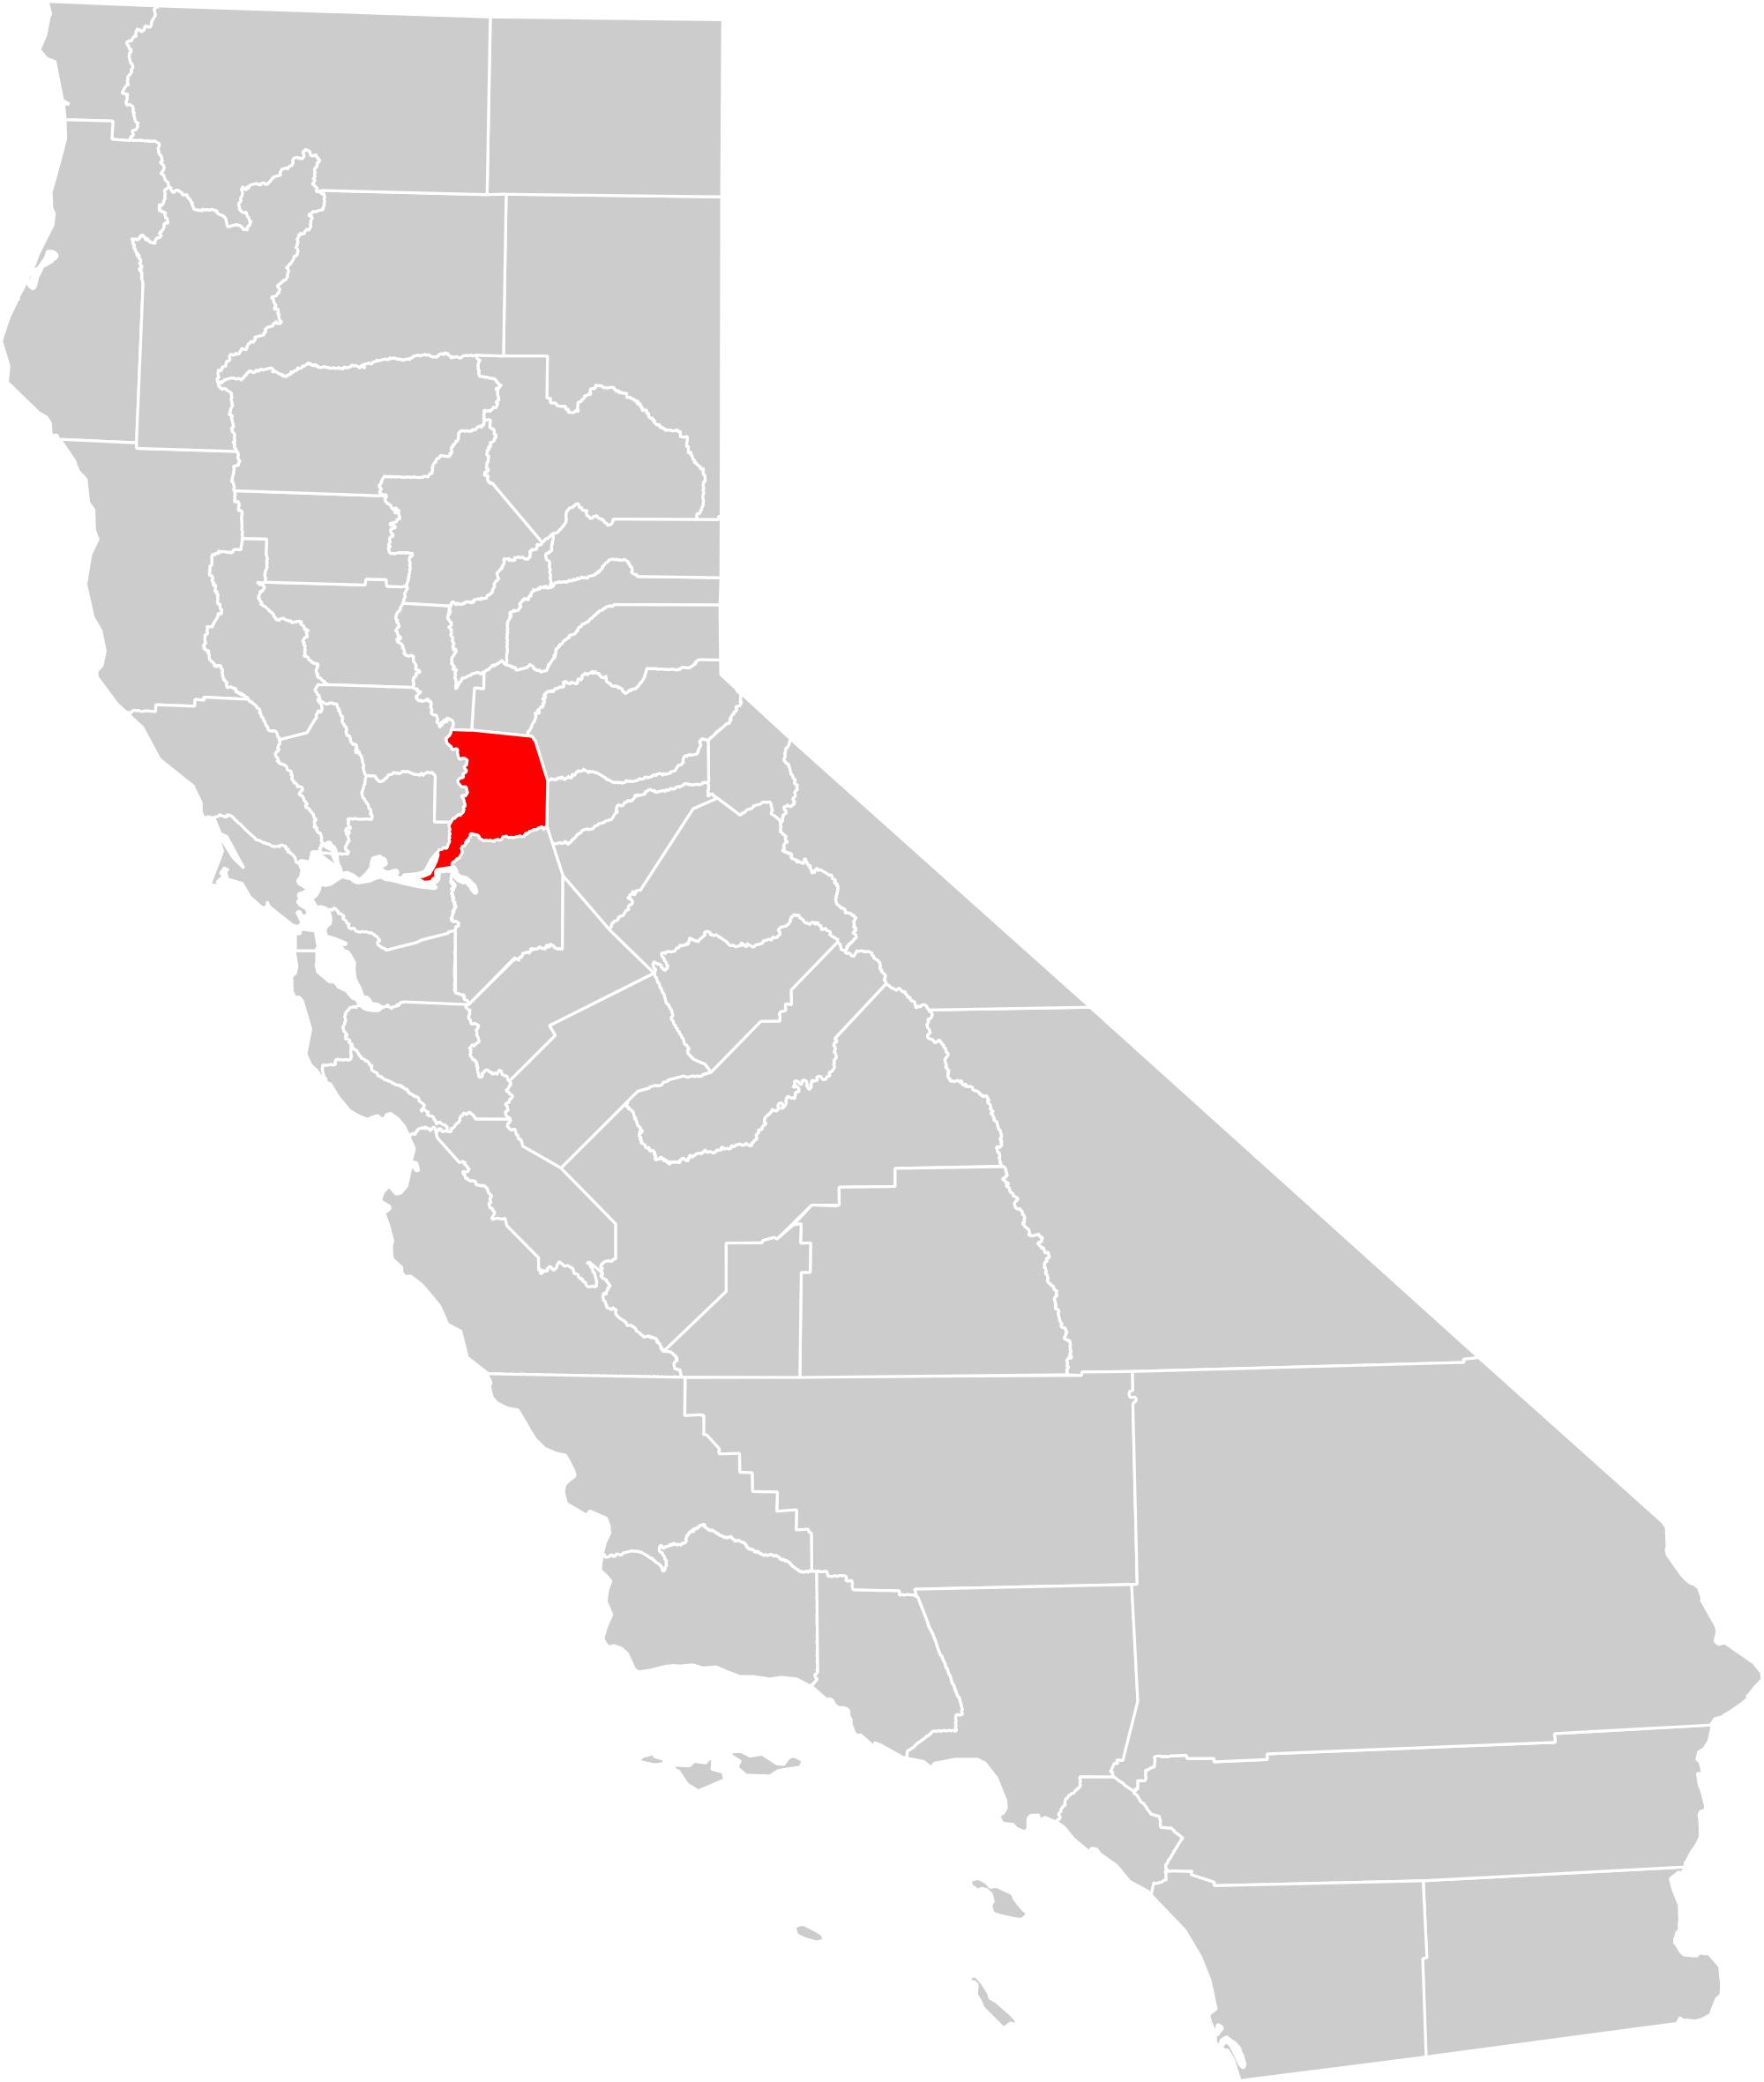 Px California County Map Sacramento County Highlighted Svg - Sacramento California Map